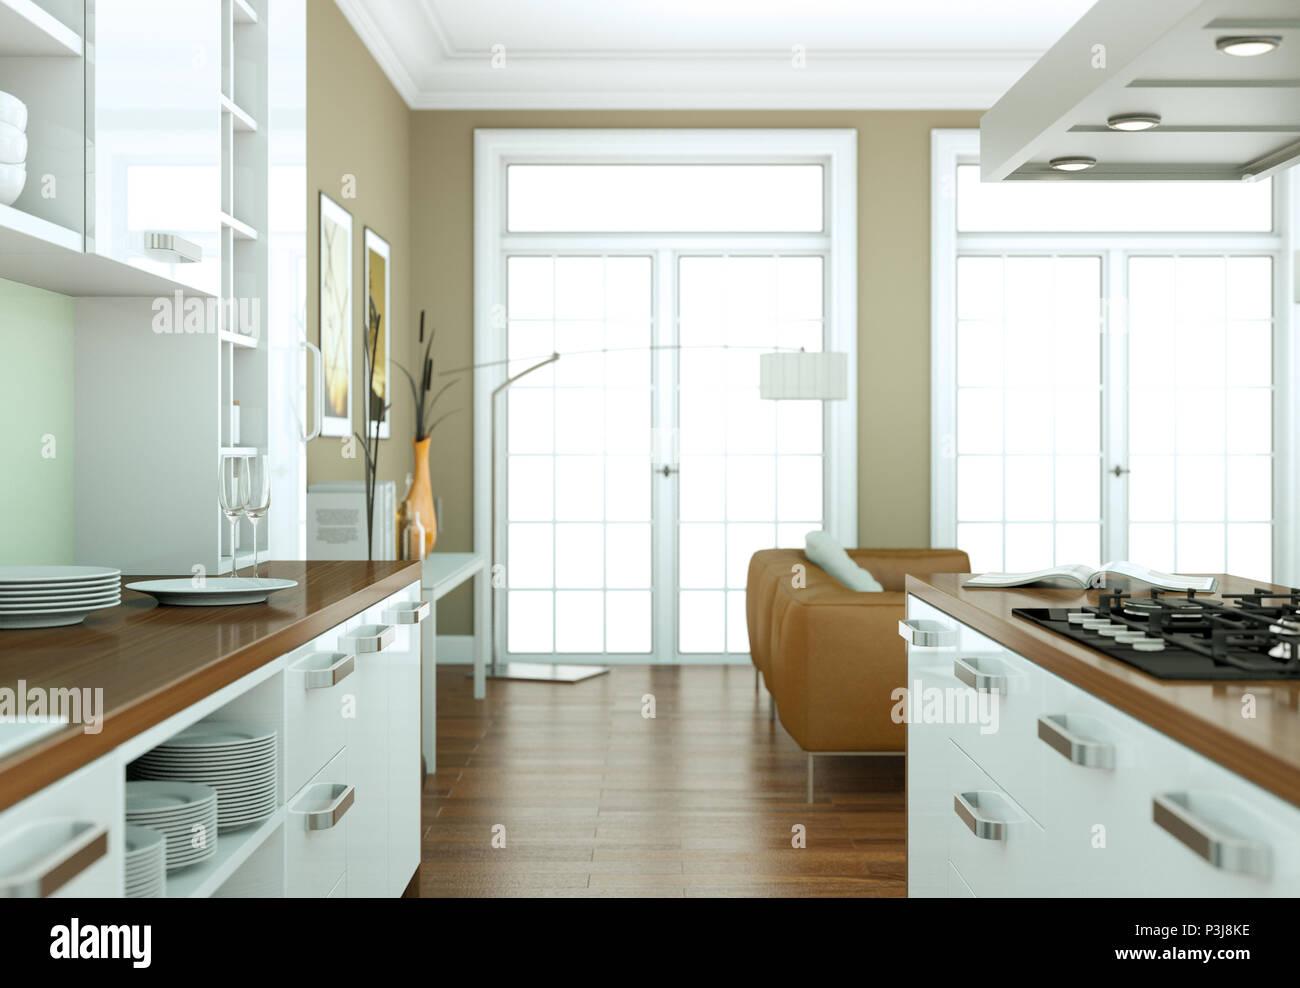 Ilustración 3d de una cocina moderna diseño de interiores ...